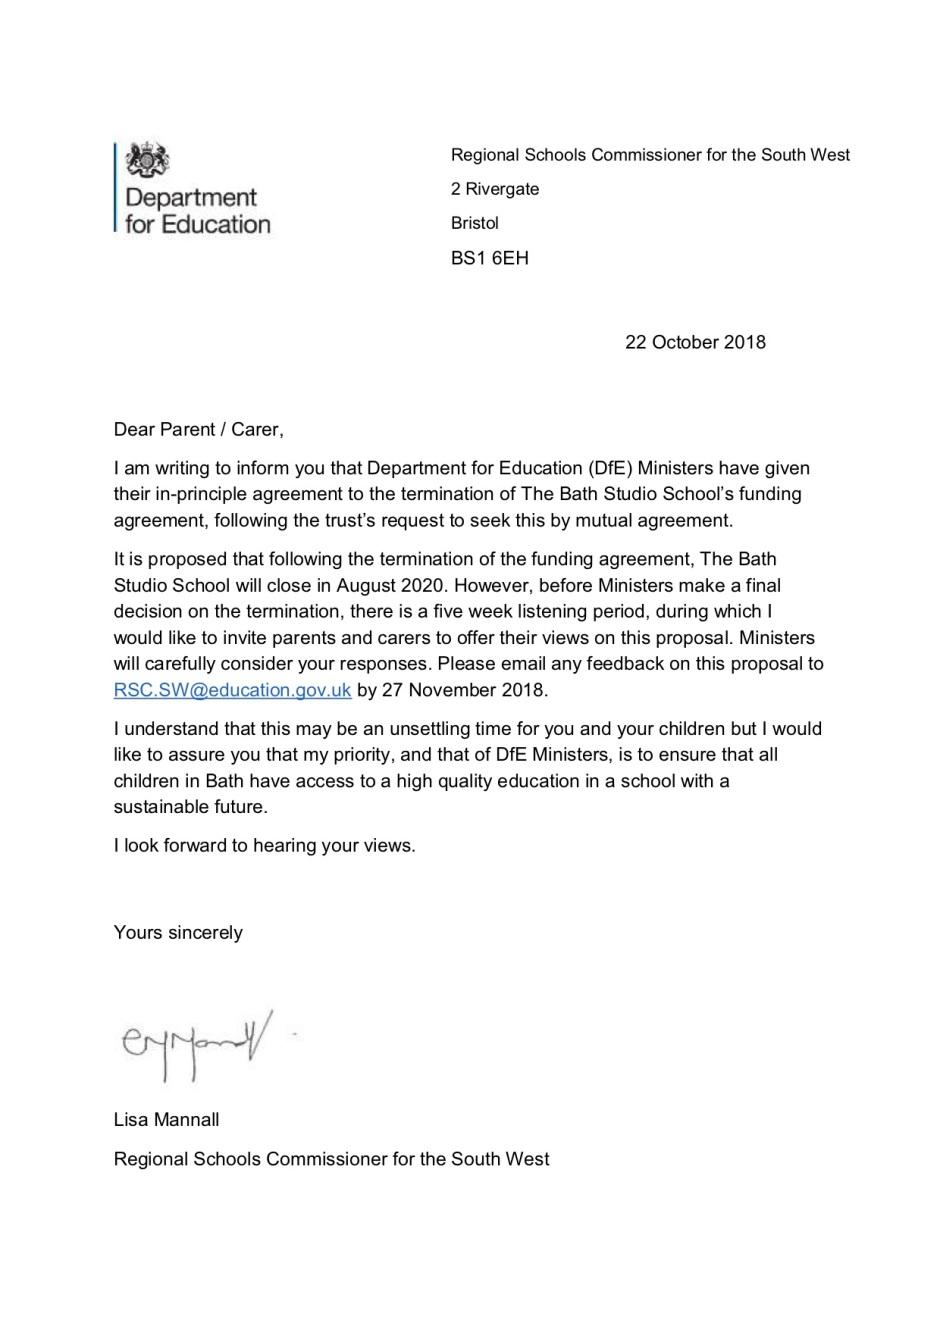 181022 RSC letter to parents